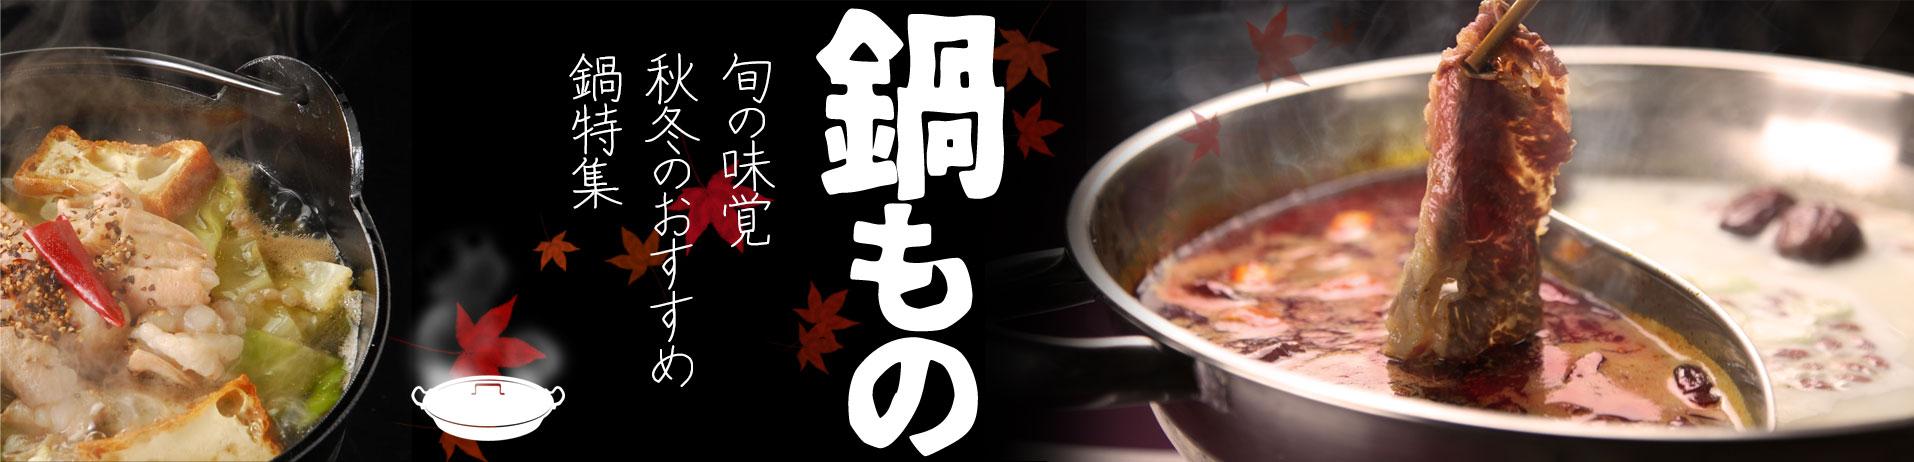 鍋もの、旬の味覚、秋冬のおすすめ鍋特集